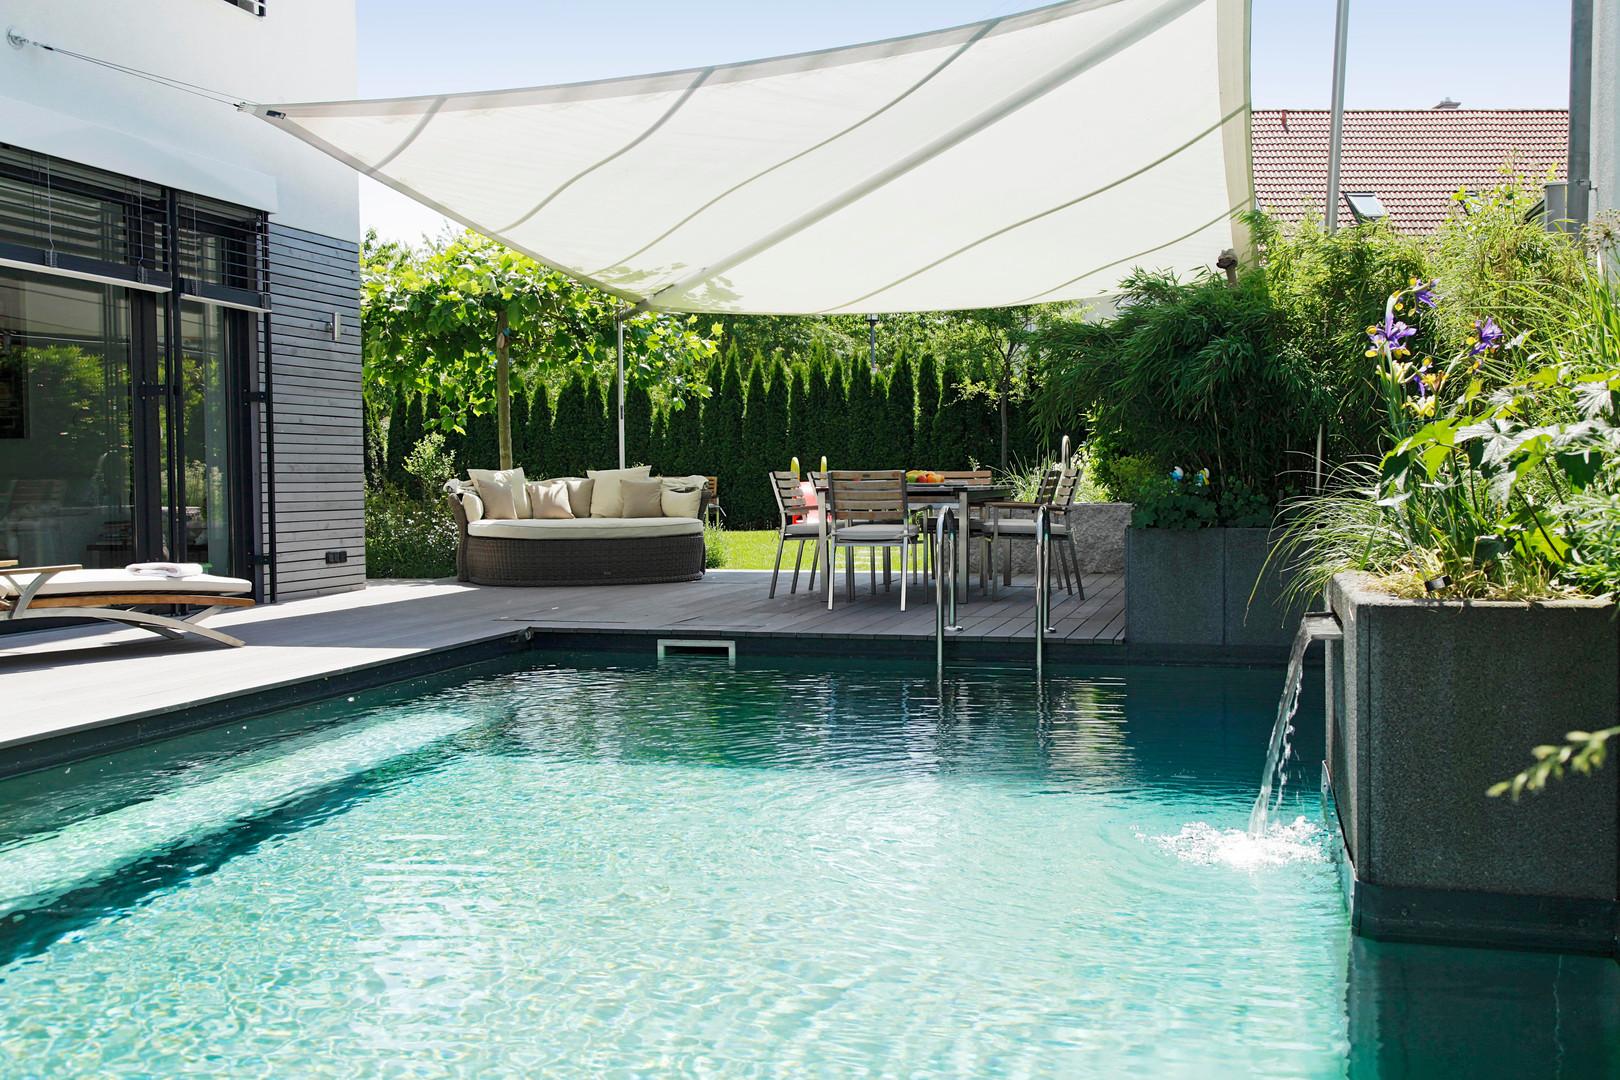 Elegantes Pooldesign - Deutschland.jpg